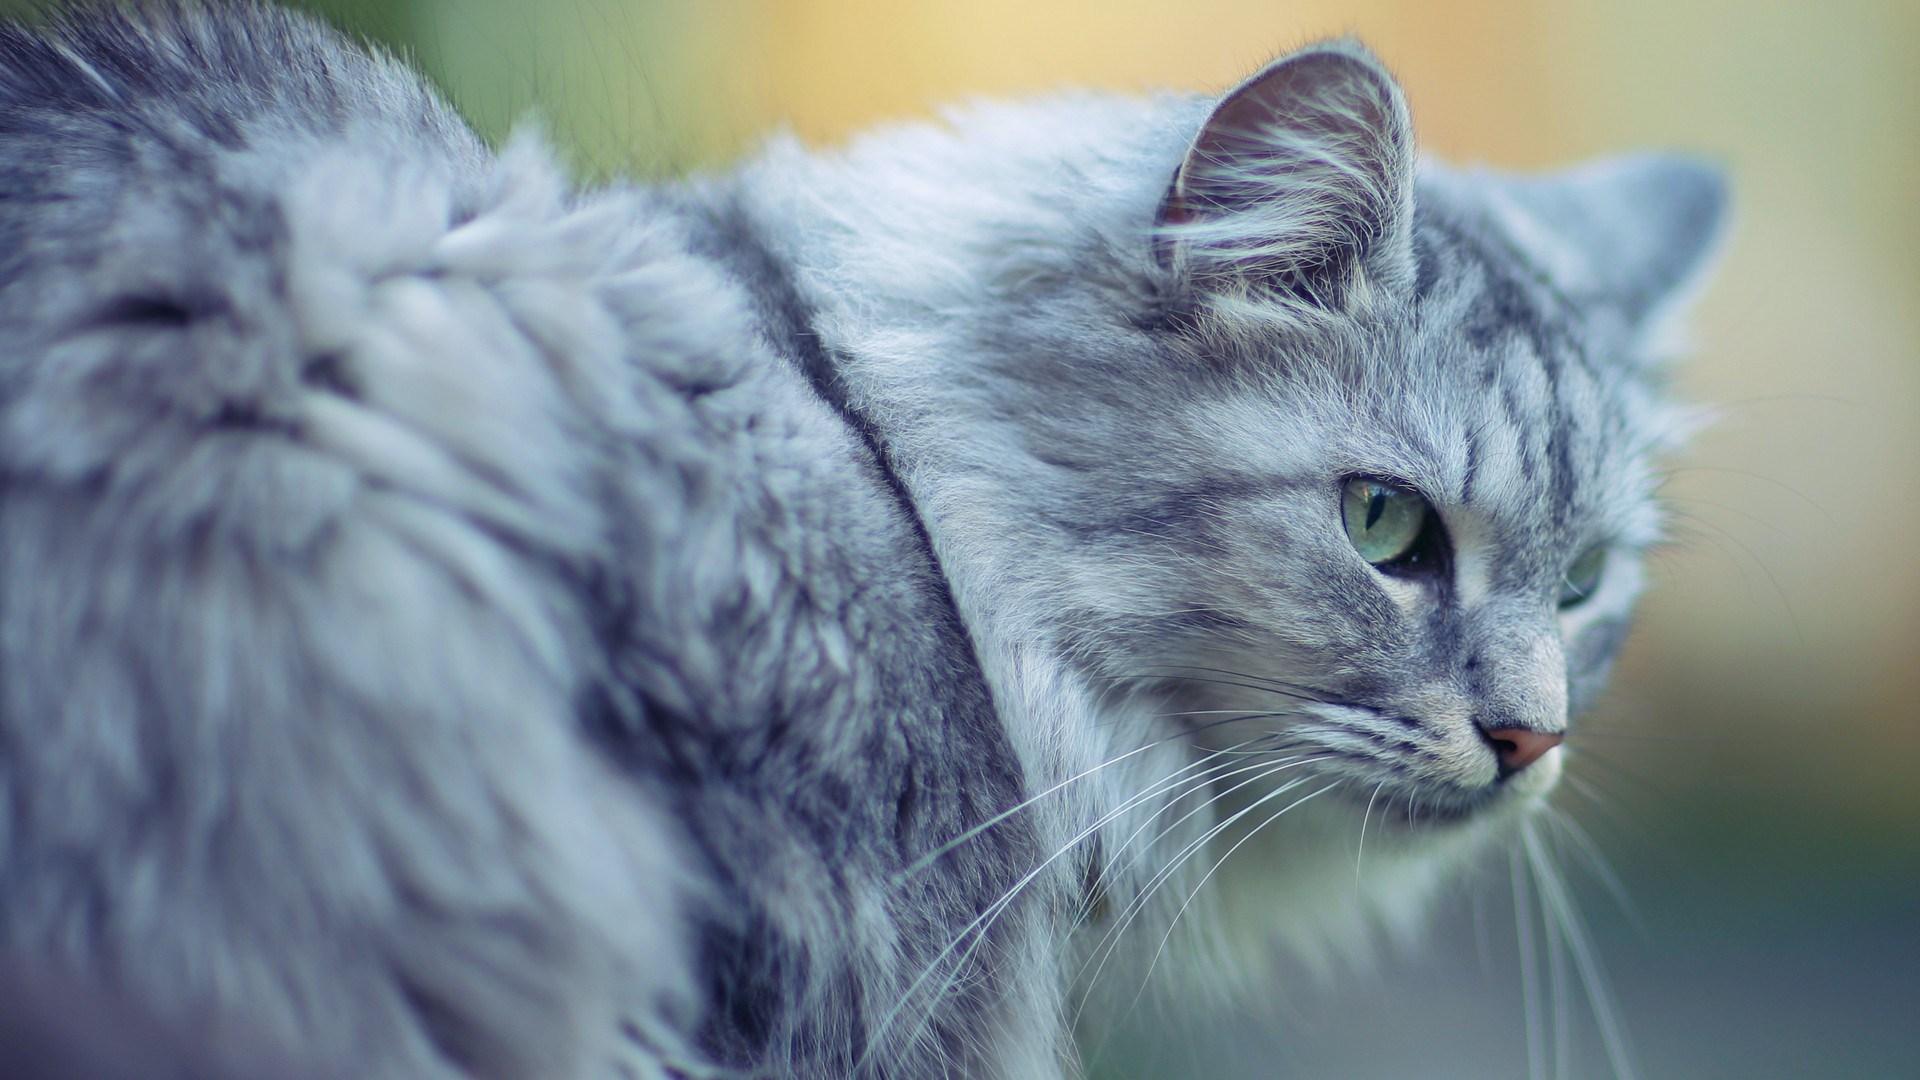 wallpaper hd cats